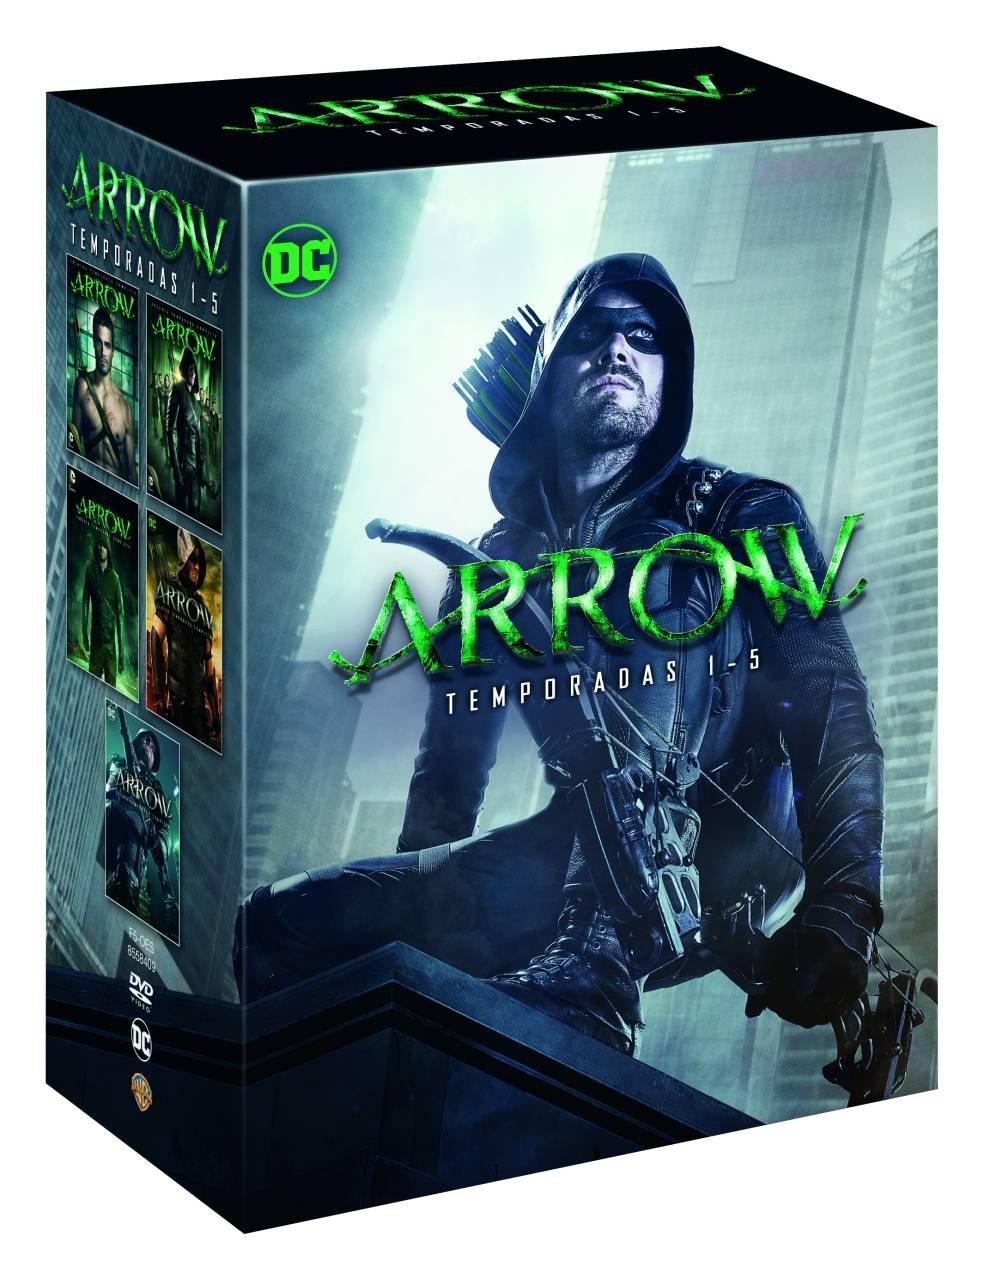 'Arrow: Temporada 5' llega en Blu-ray y Dvd el 15 de noviembre • En tu pantalla